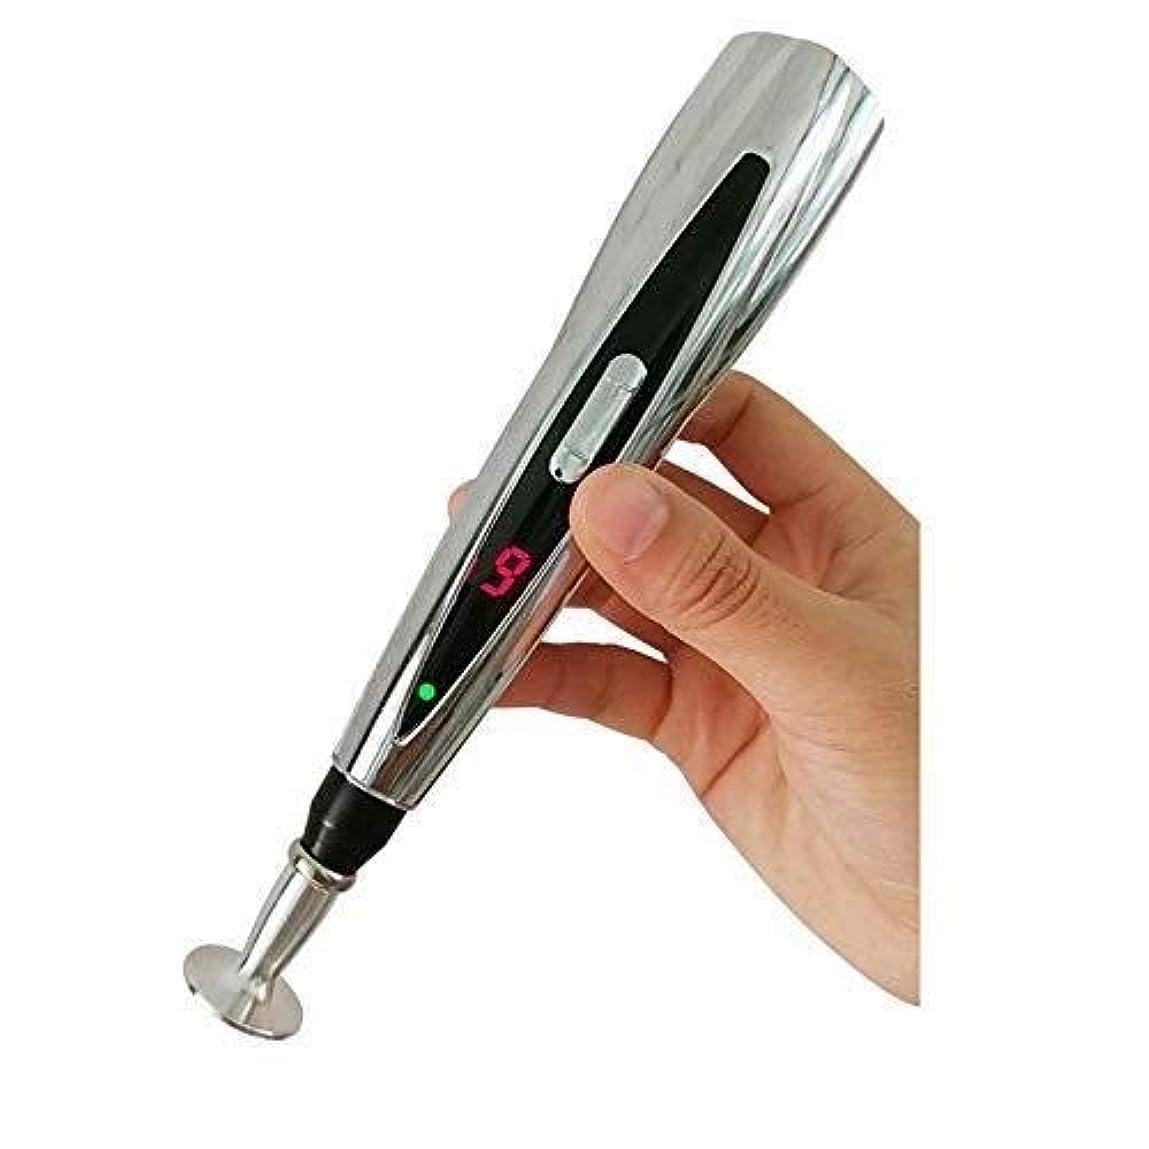 安定した政策細分化する電子鍼ペン/ポータブル電気経絡エネルギーペン/多機能レーザー鍼マッサージペン、ボディマッサージャー痛み緩和療法機器 (色 : Silver)